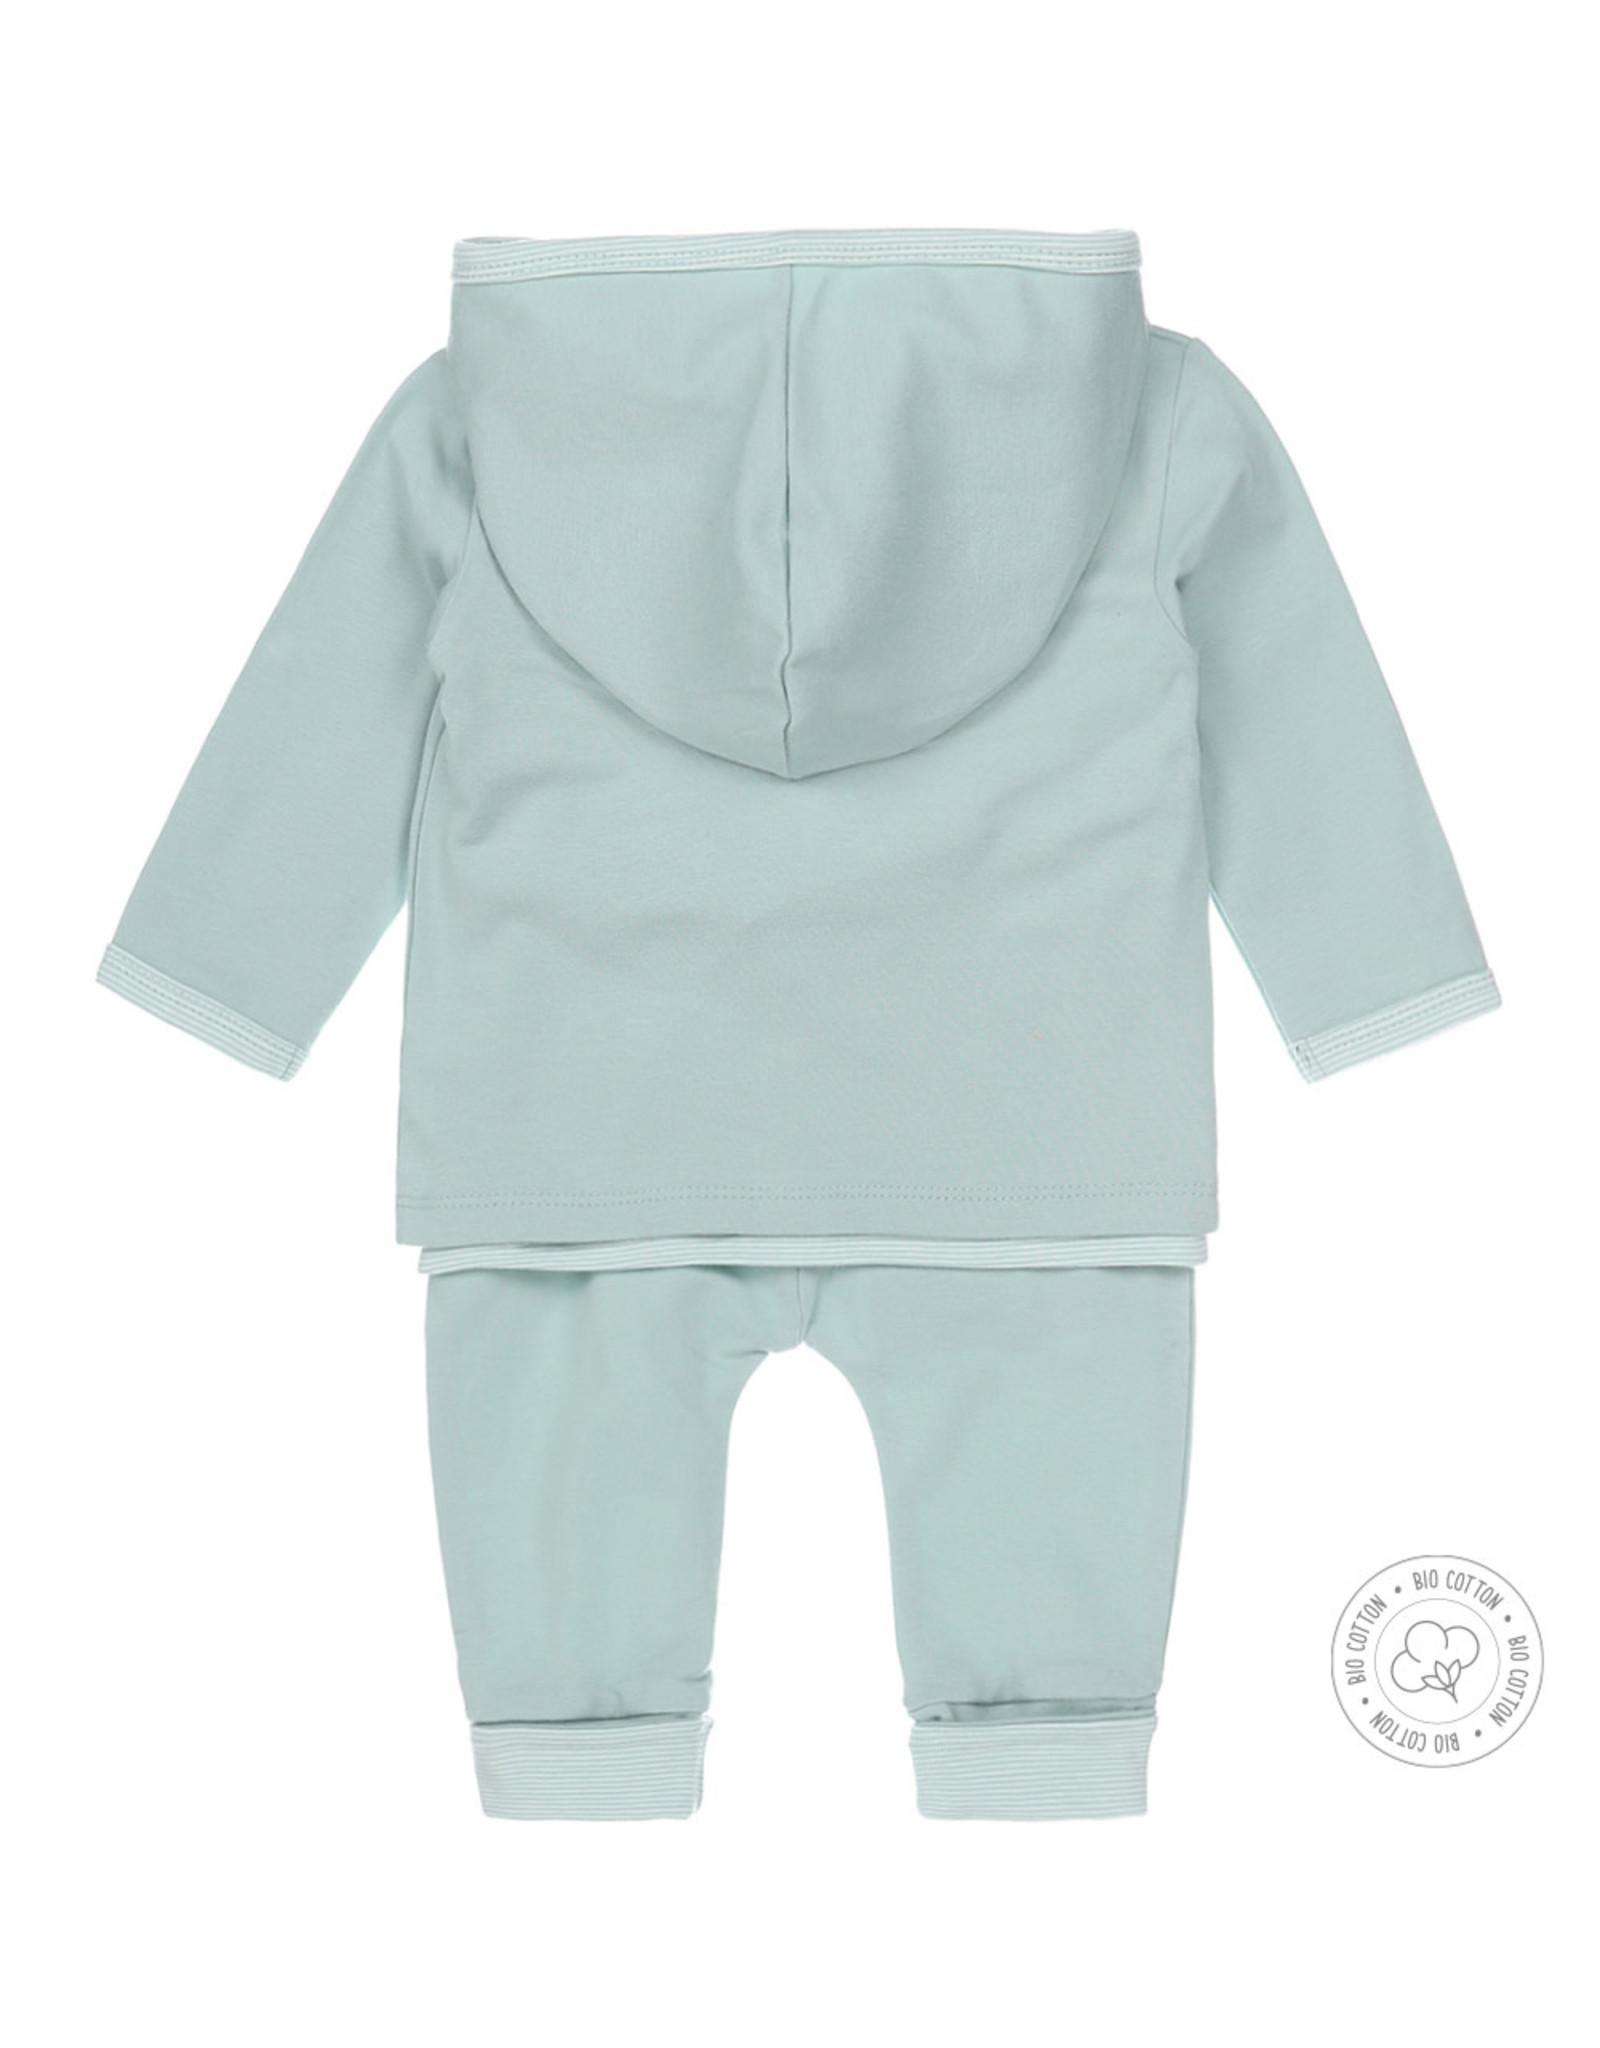 Dirkje Dirkje baby newborn 3-delig setje Aqua Green Off White